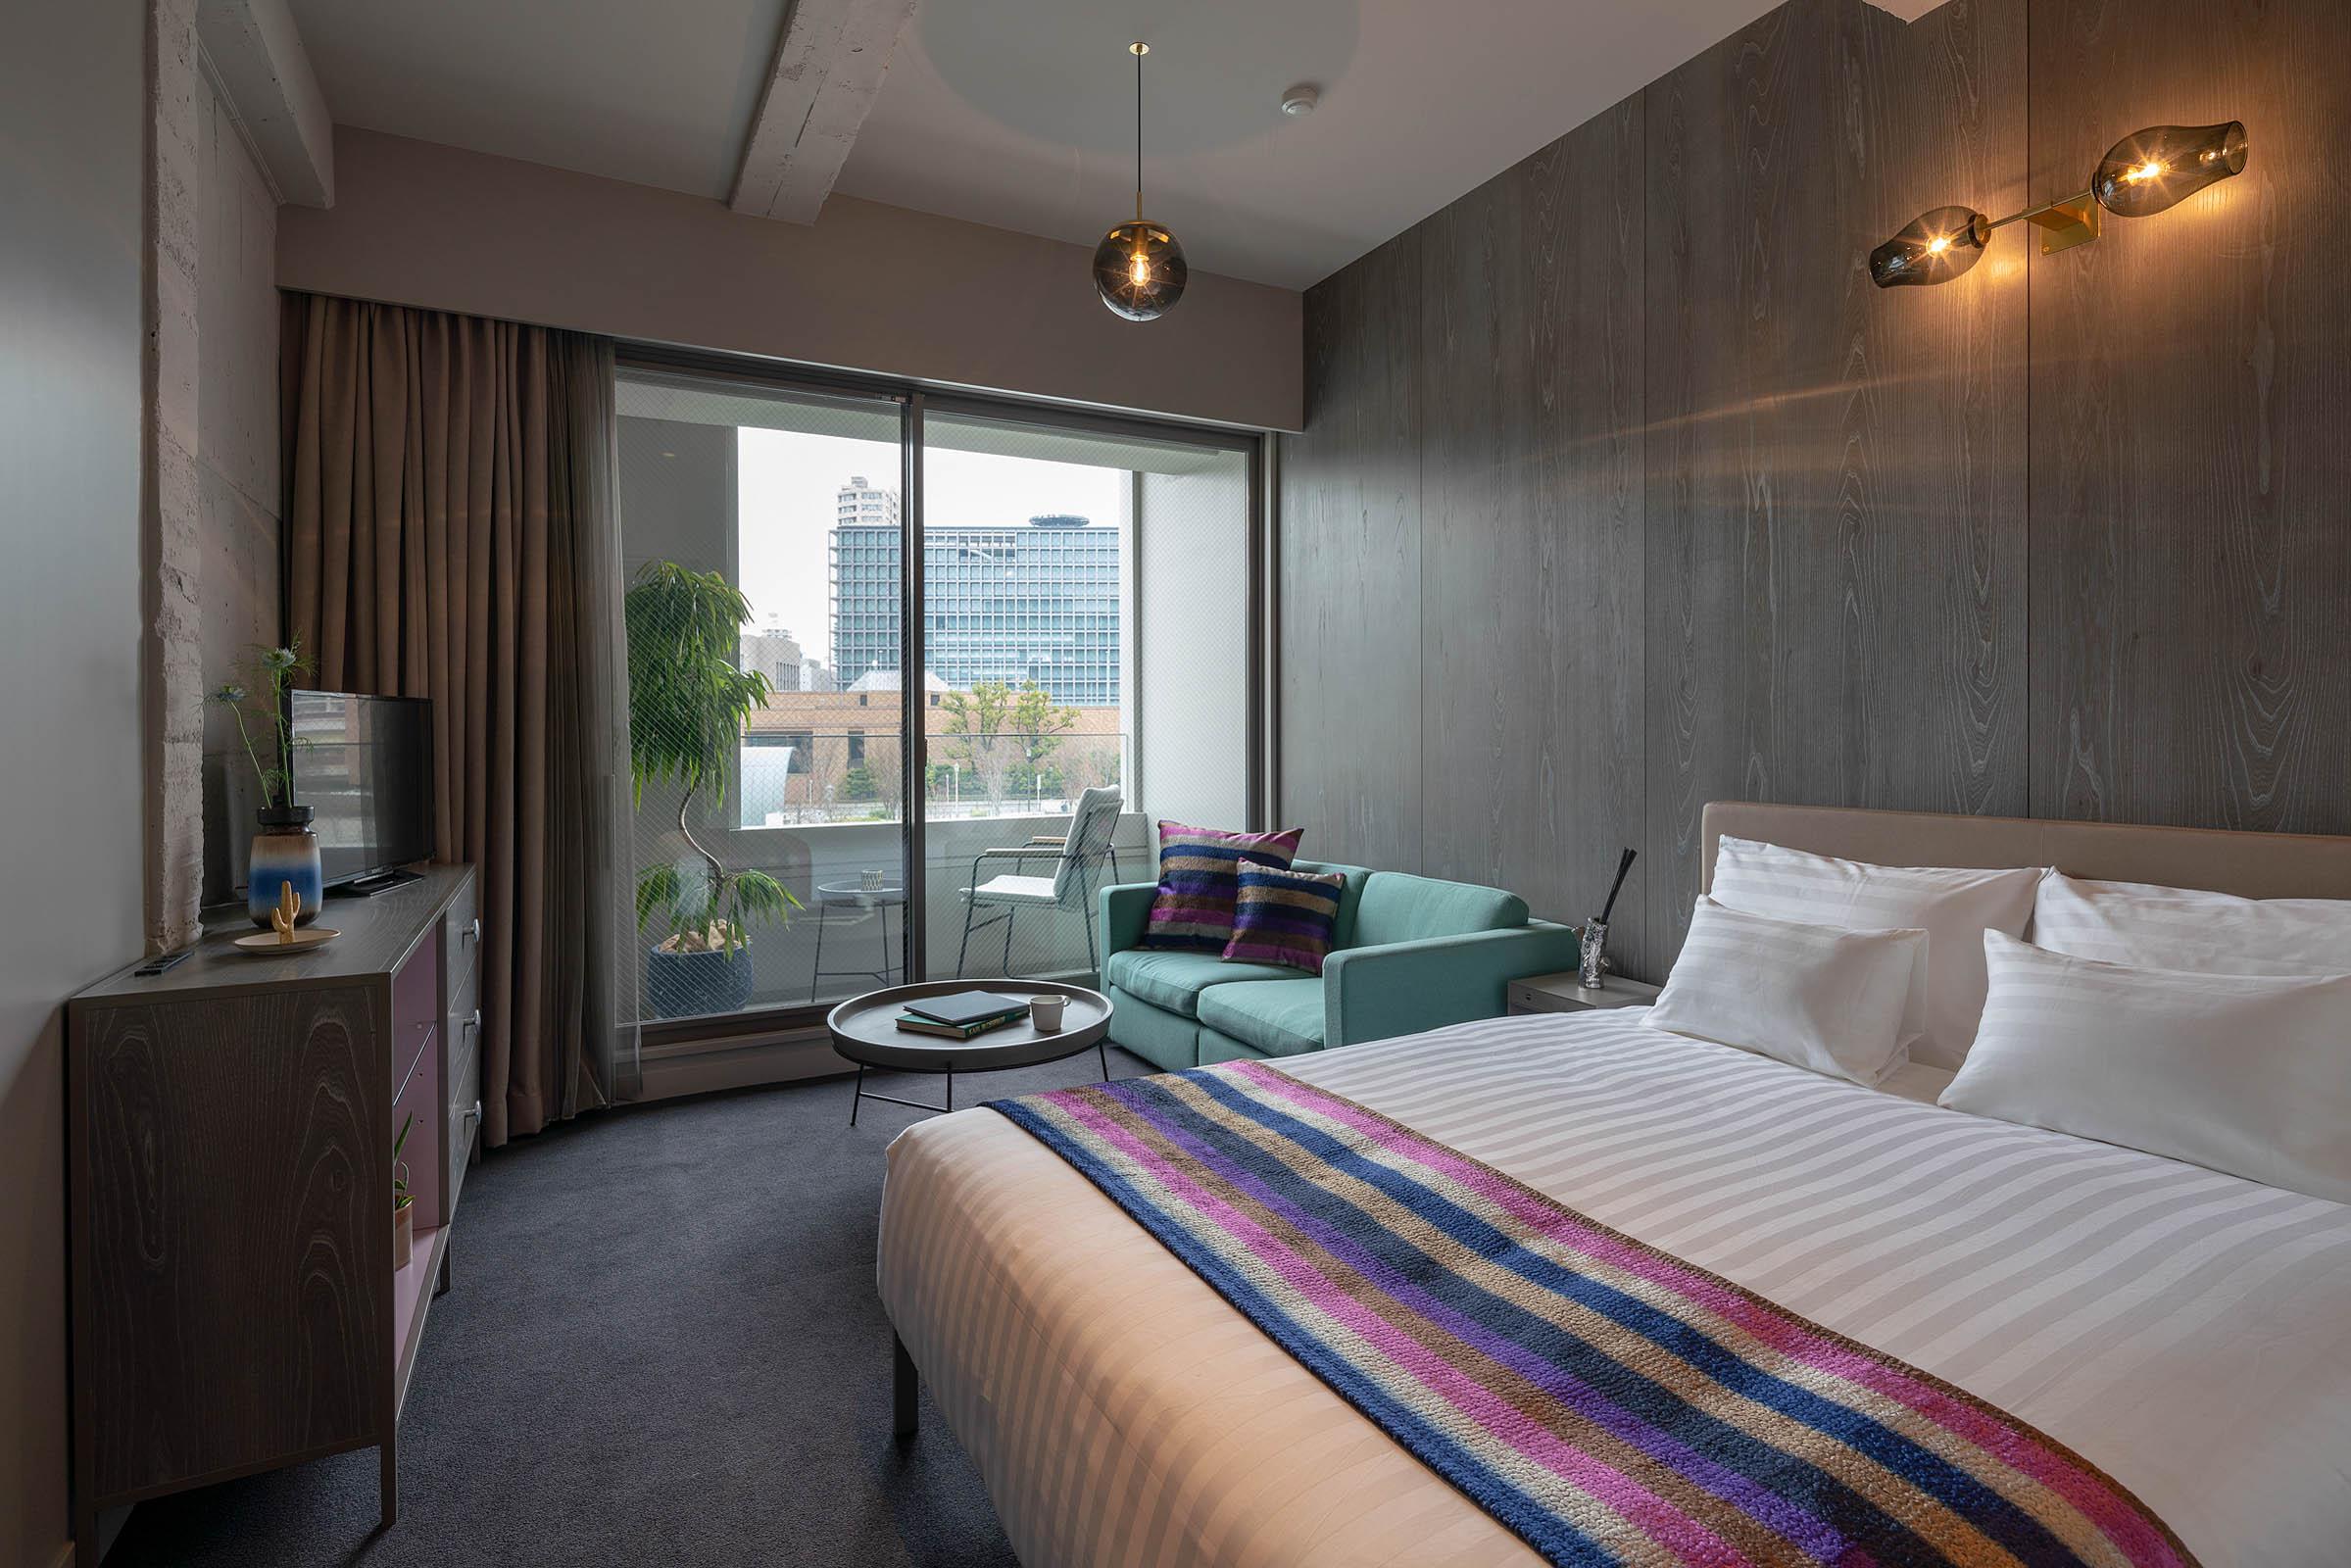 3月29日にオープンするホテル「ザ・ボリー・オオサカ」